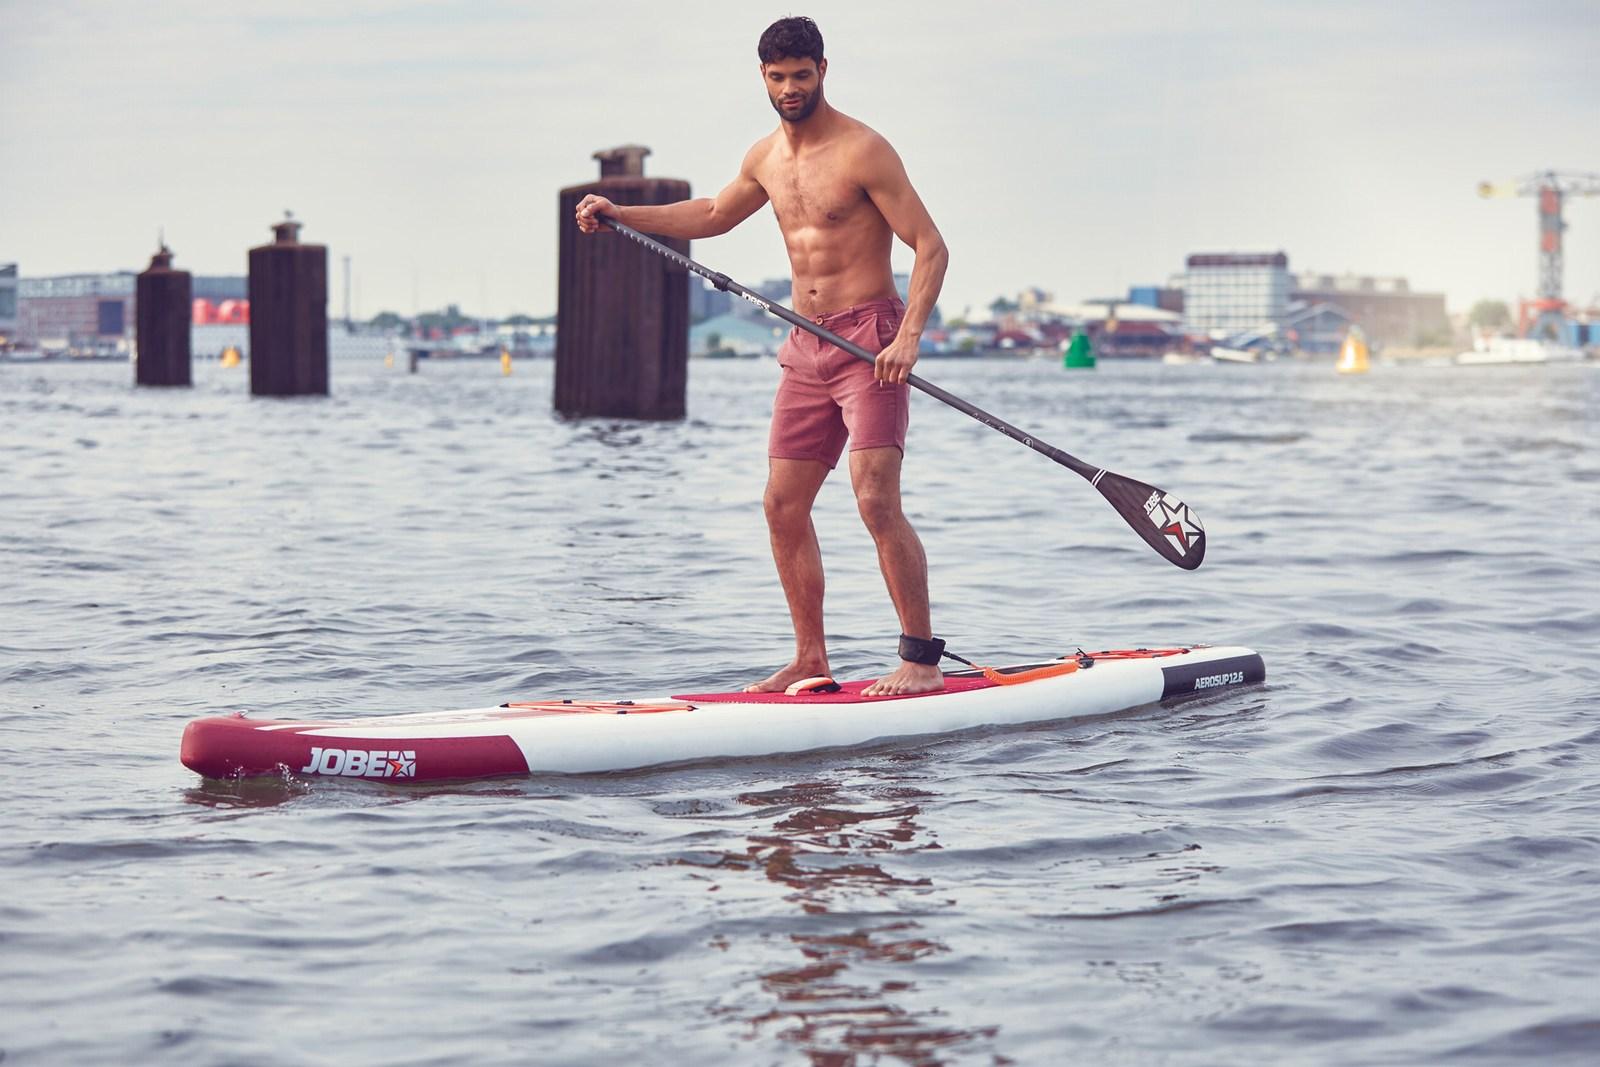 Dejstvo je, da je supanje v tujini (in posledično tudi pri nas) iz dneva v dan bolj priljubljen šport med vodnimi rekreacijami, nad njim se navdušujejo tudi marsikateri zvezdniki in uspešni športniki.